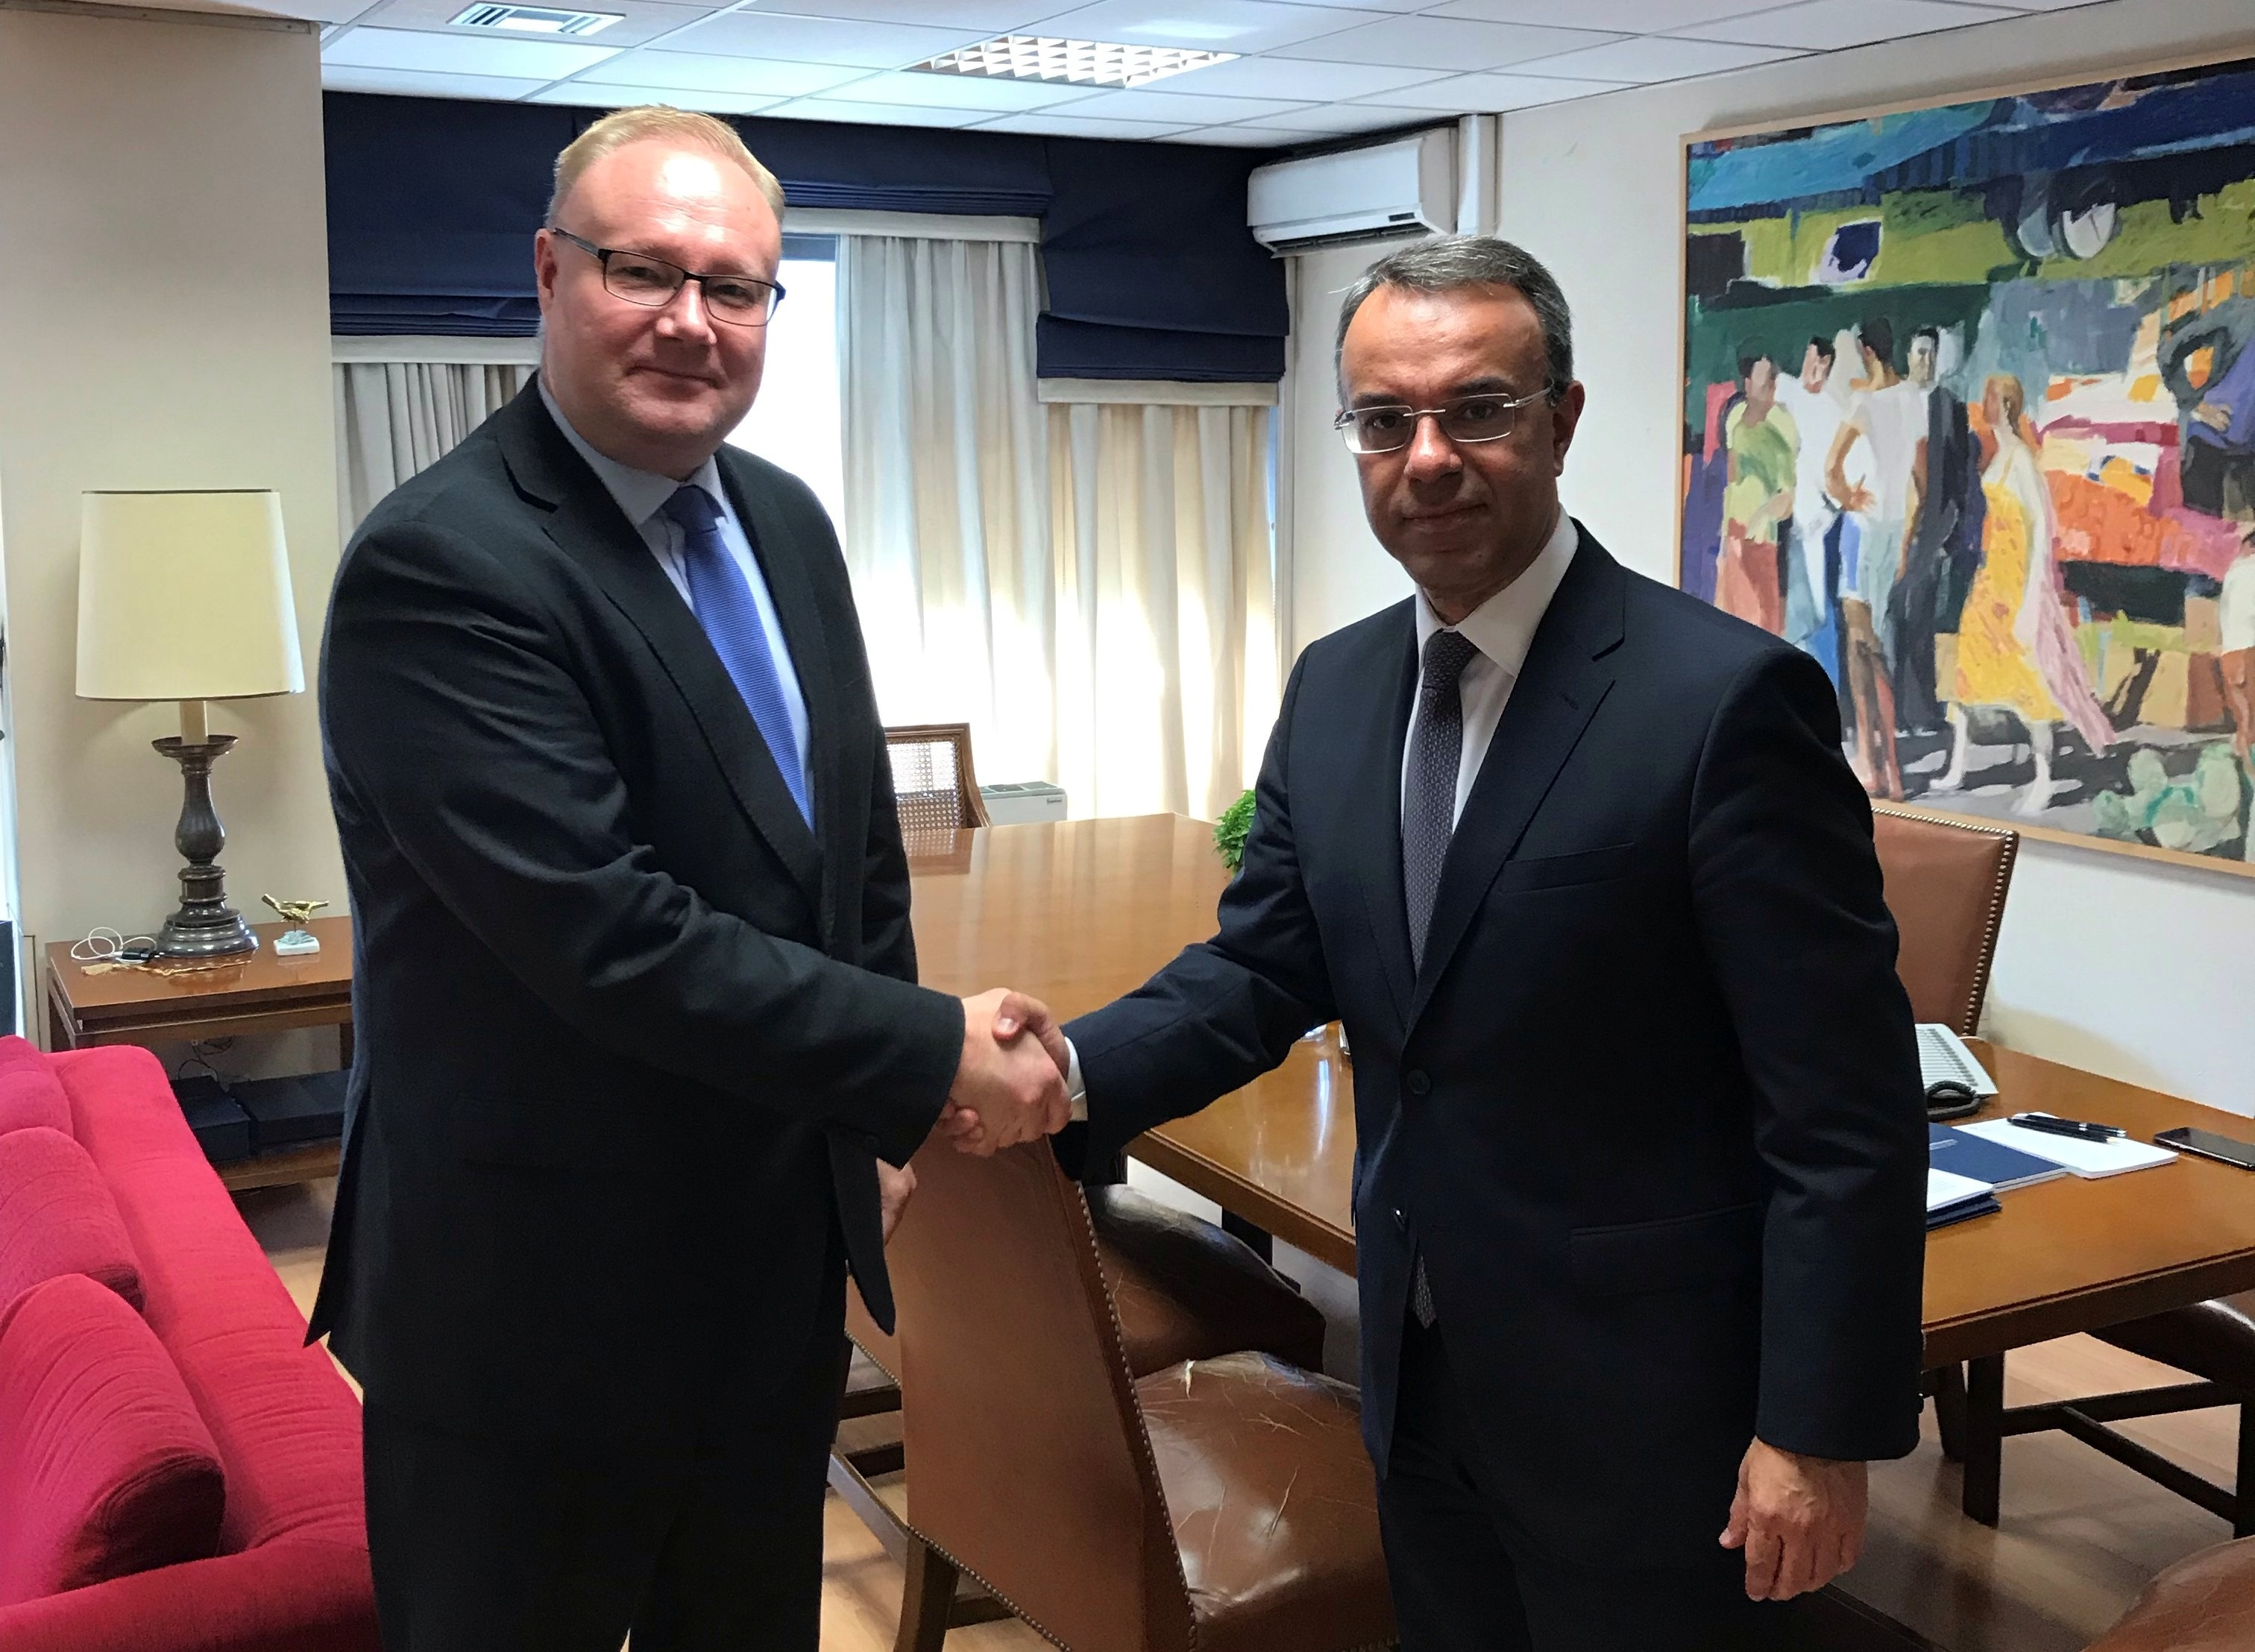 Συνάντηση Σταϊκούρα με φινλανδό Πρέσβη